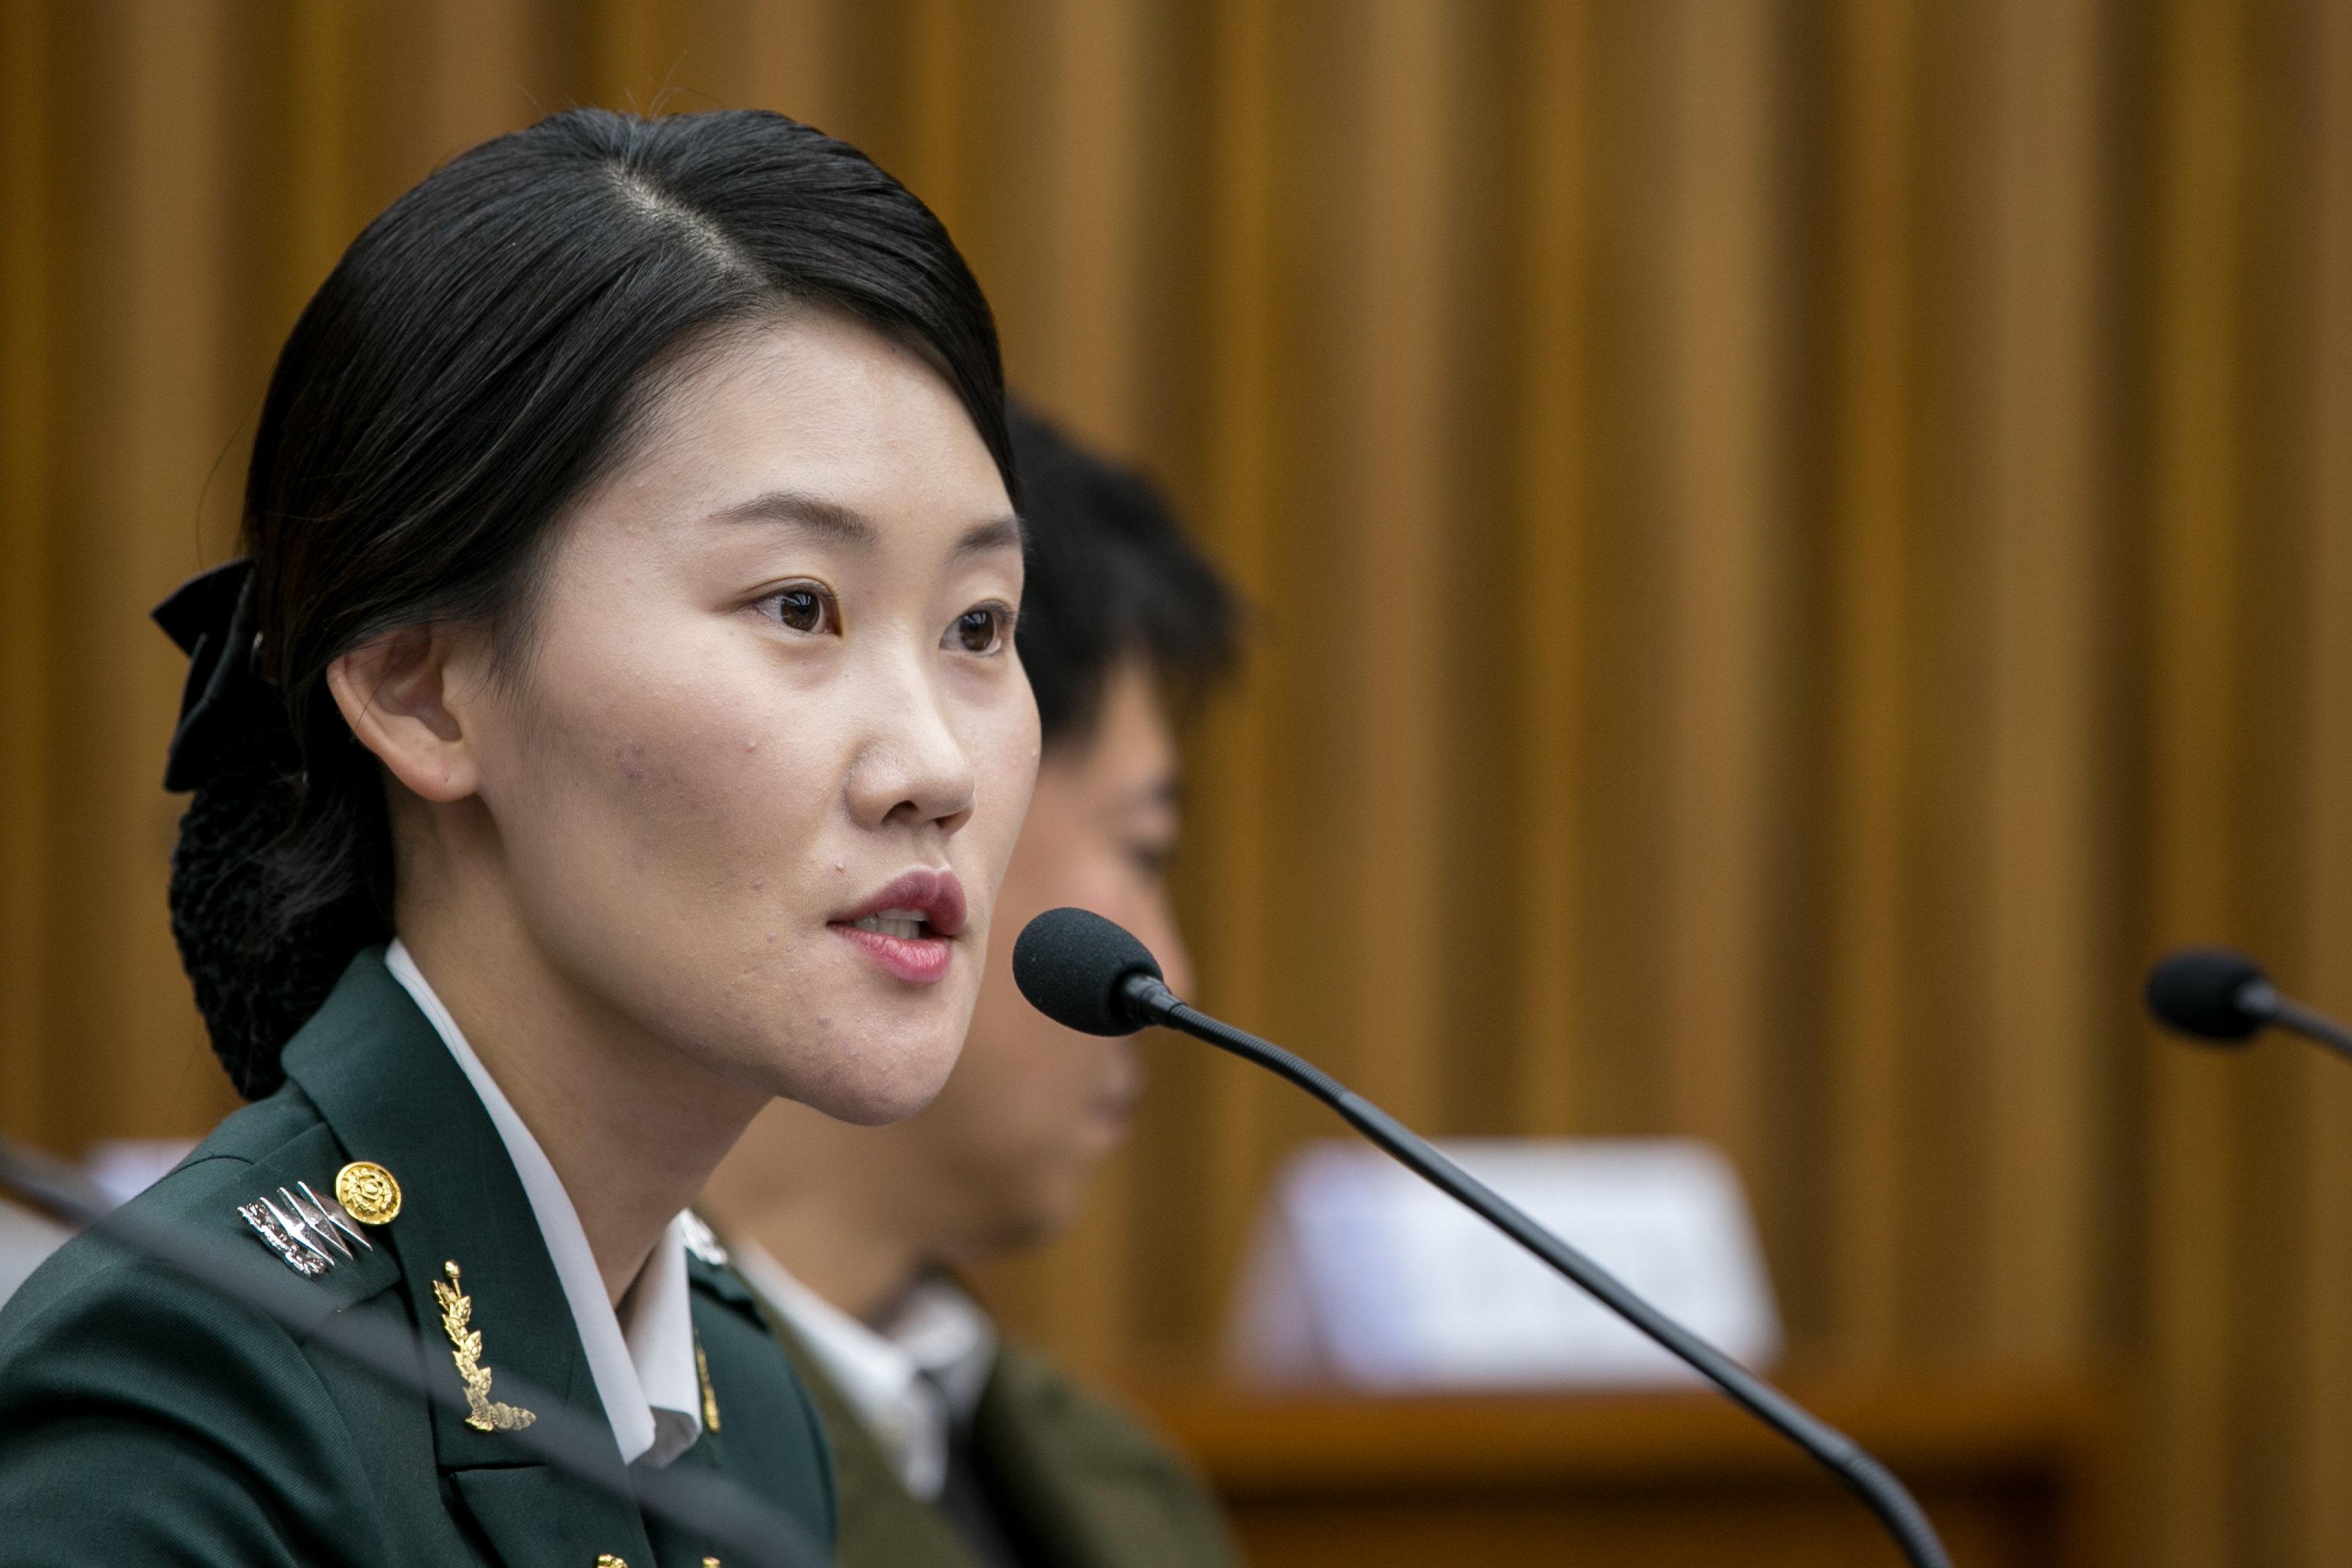 '조여옥 대위 징계' 국민청원 글들이